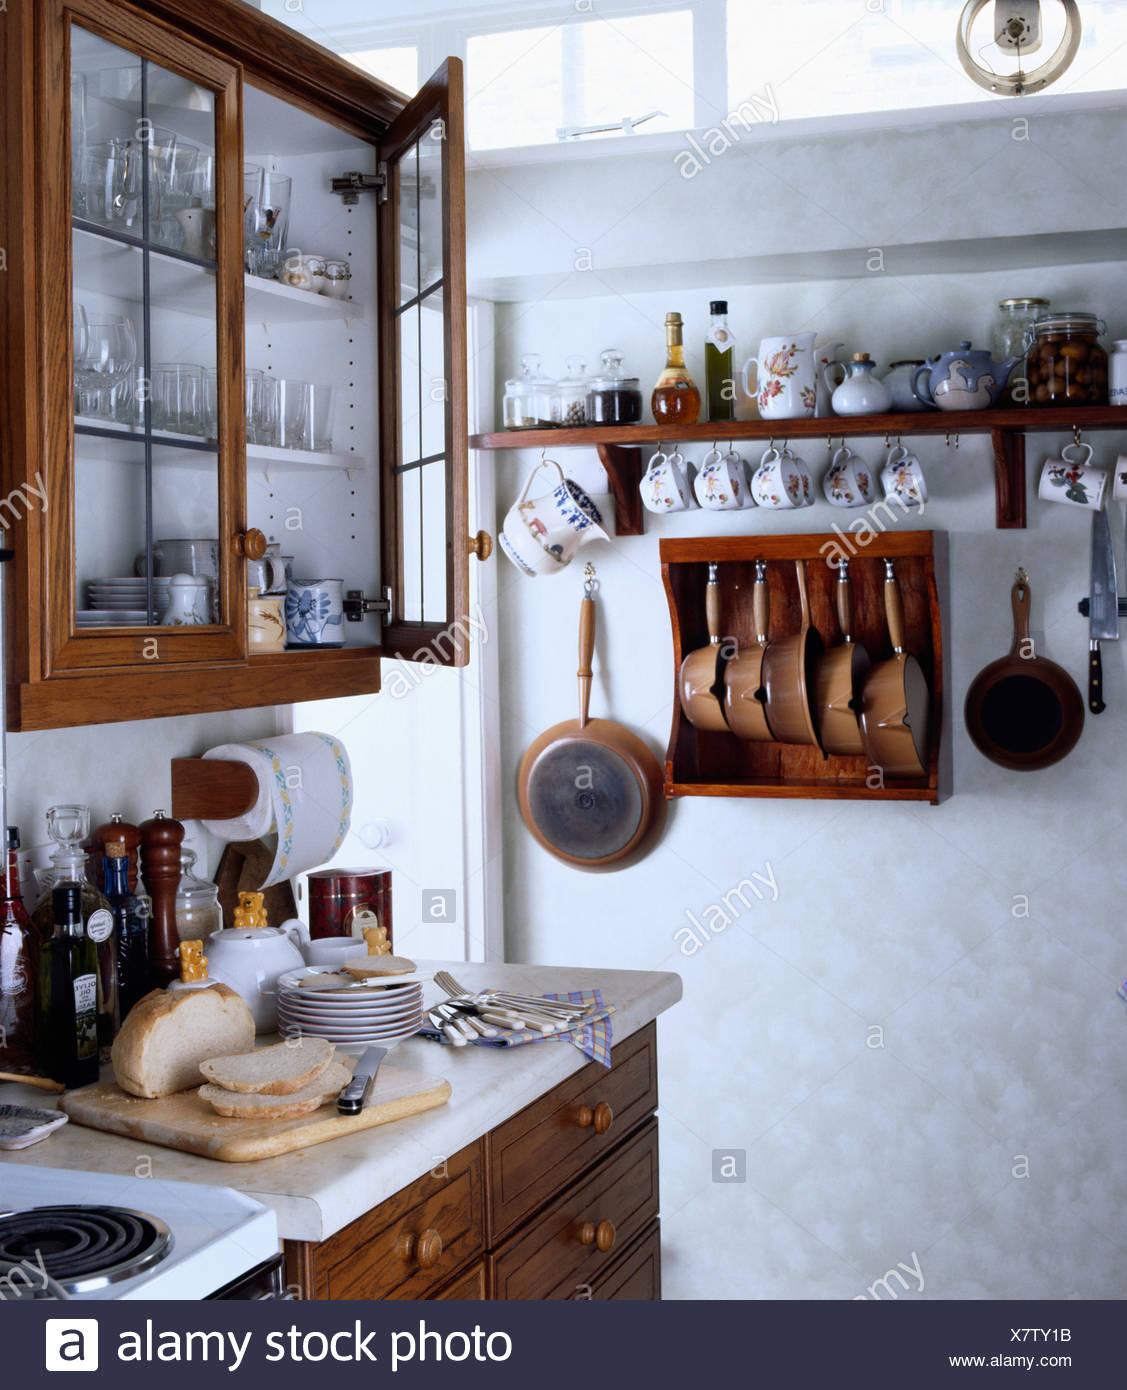 Verglasten Schrank über Brot auf Arbeitsplatte in kleinen weißen ...